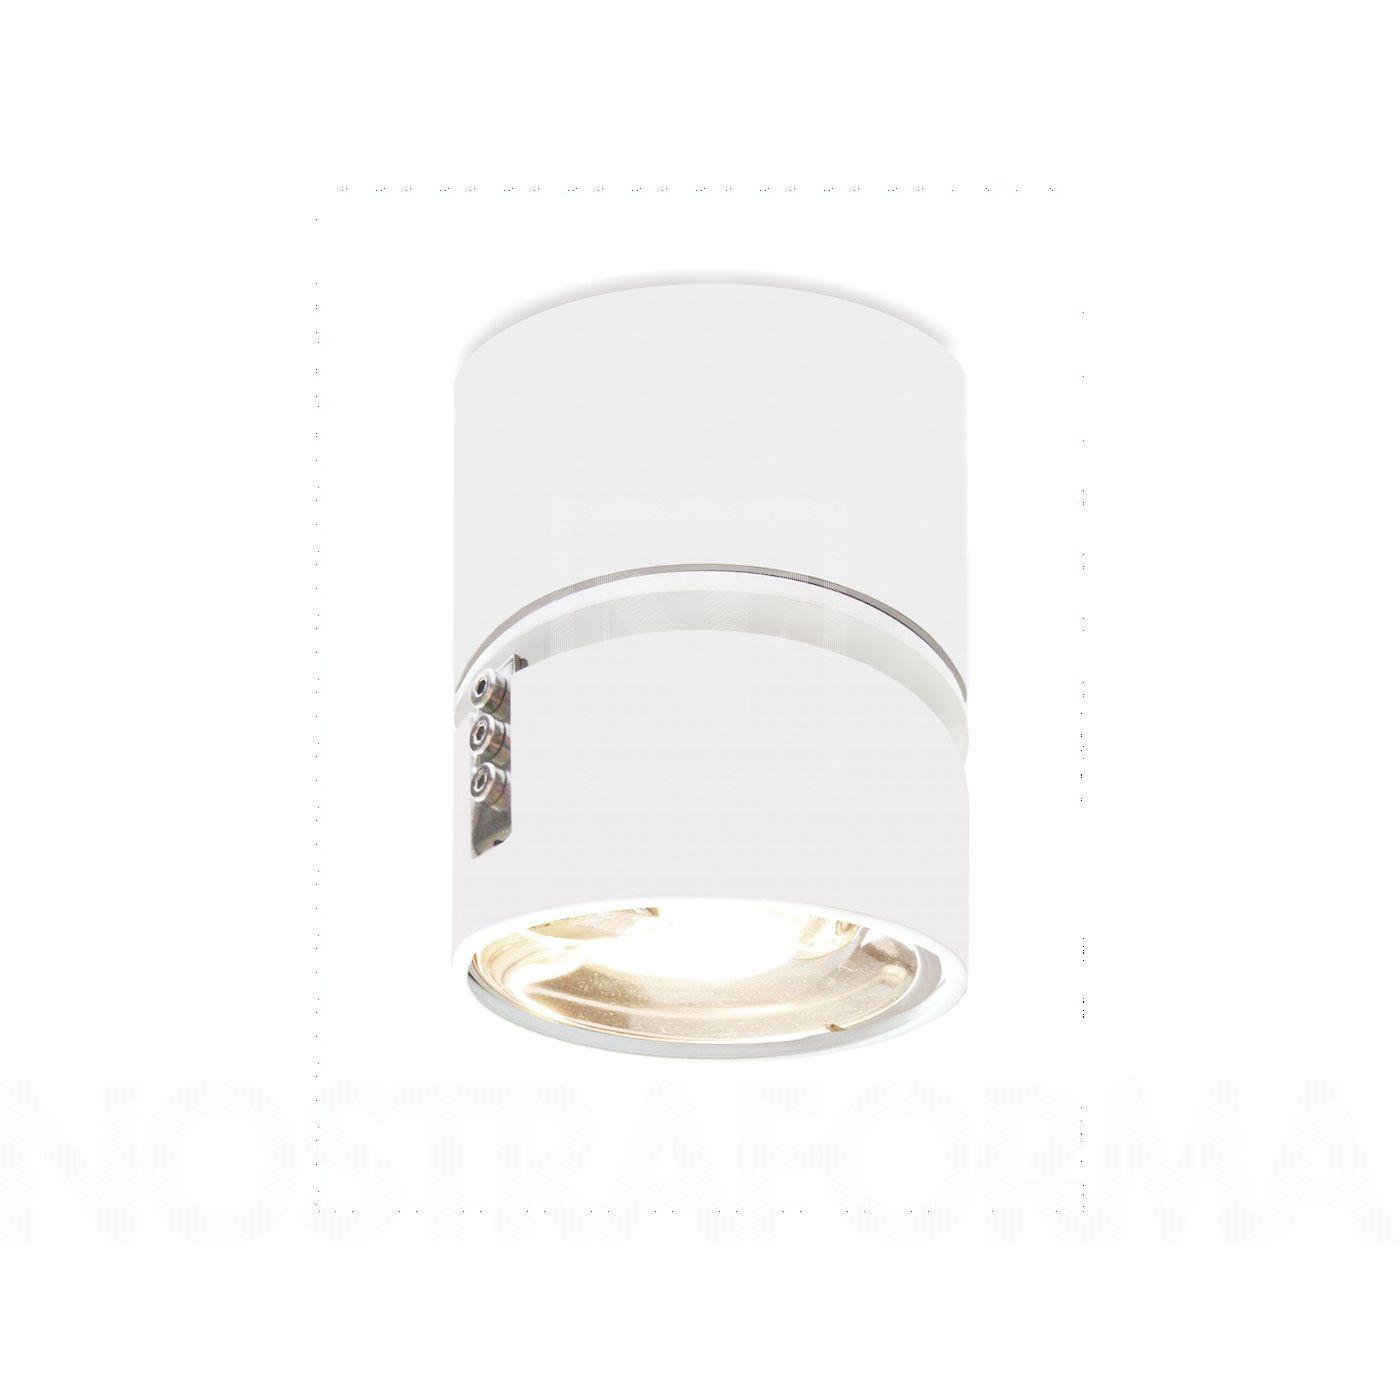 Mawa Design Wittenberg Fernrohr Wi Ab 1r Deckenstrahler Leuchten Lampen Onlineshop Nostraforma Design Your Deckenstrahler Mawa Design Beleuchtung Decke